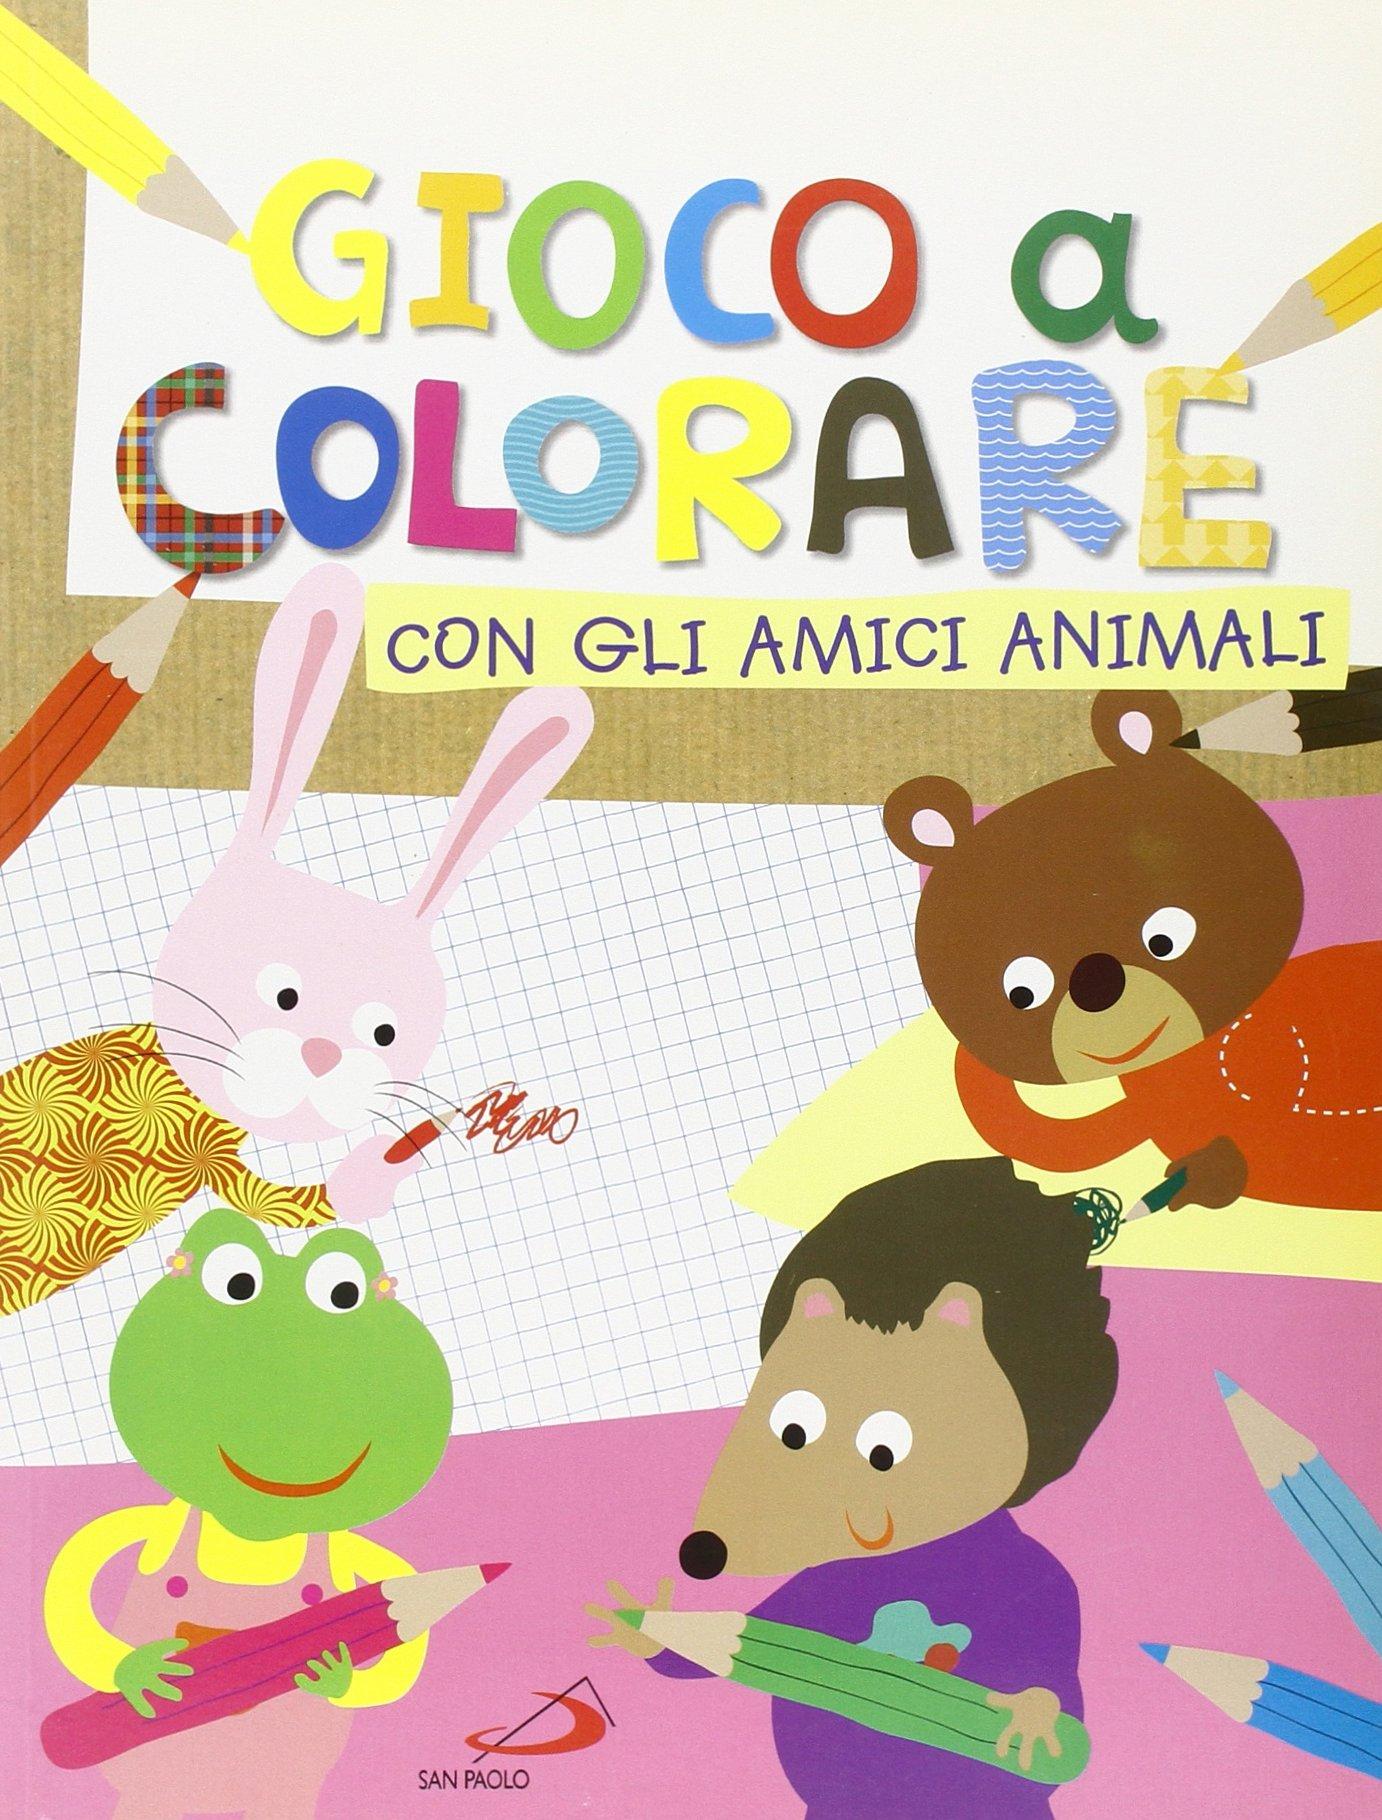 Gioco Per Colorare.Gioco A Colorare Con Gli Amici Animali 9788821562662